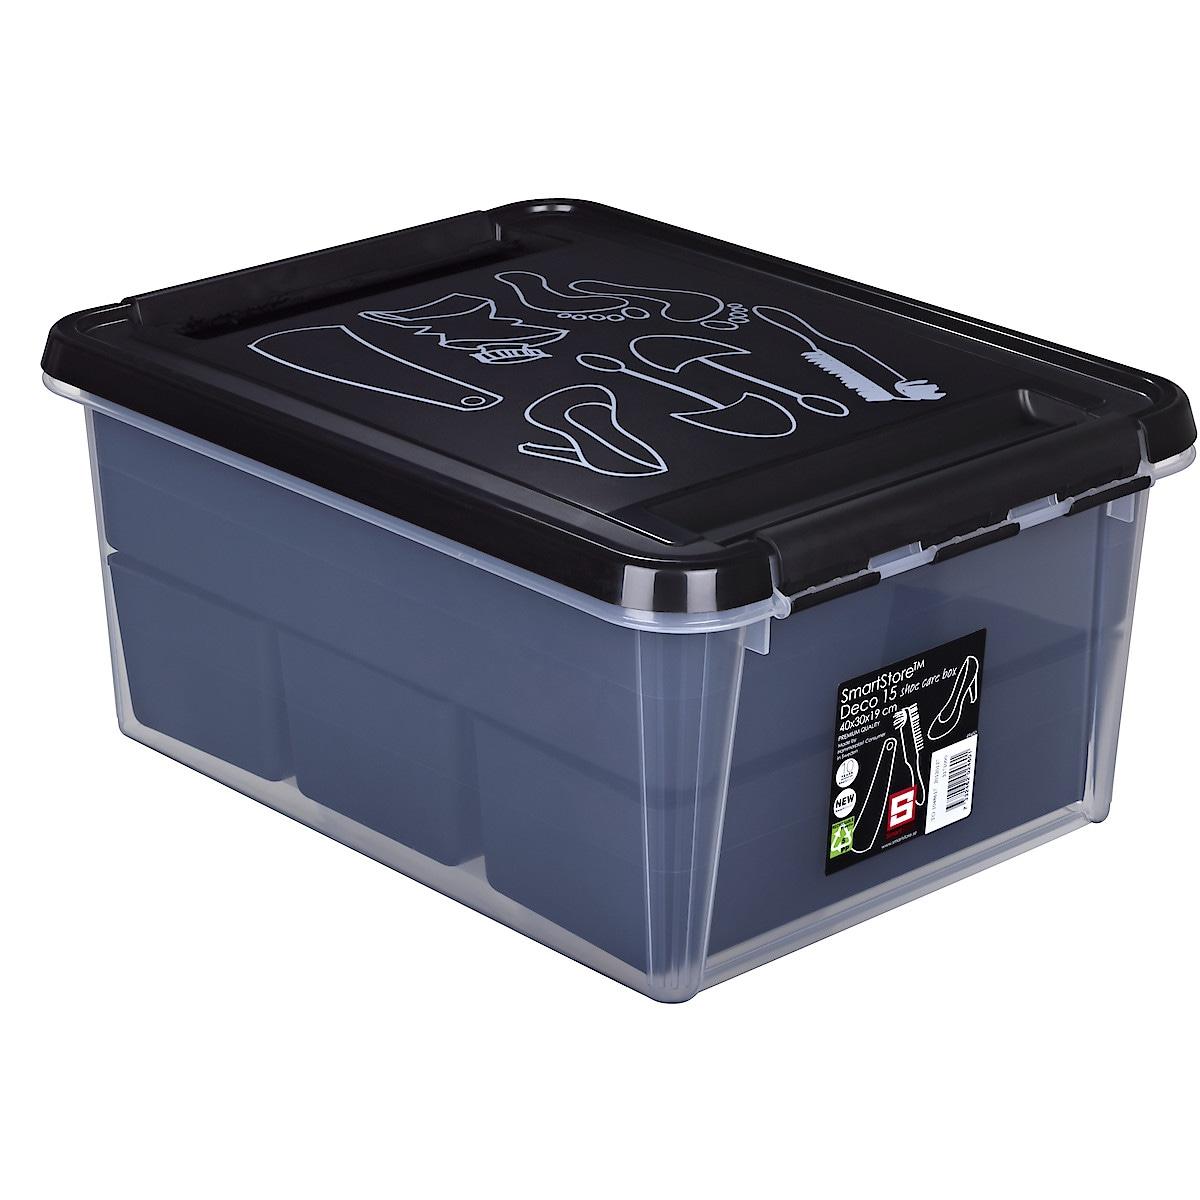 SmartStore Deco Shoe Care Box